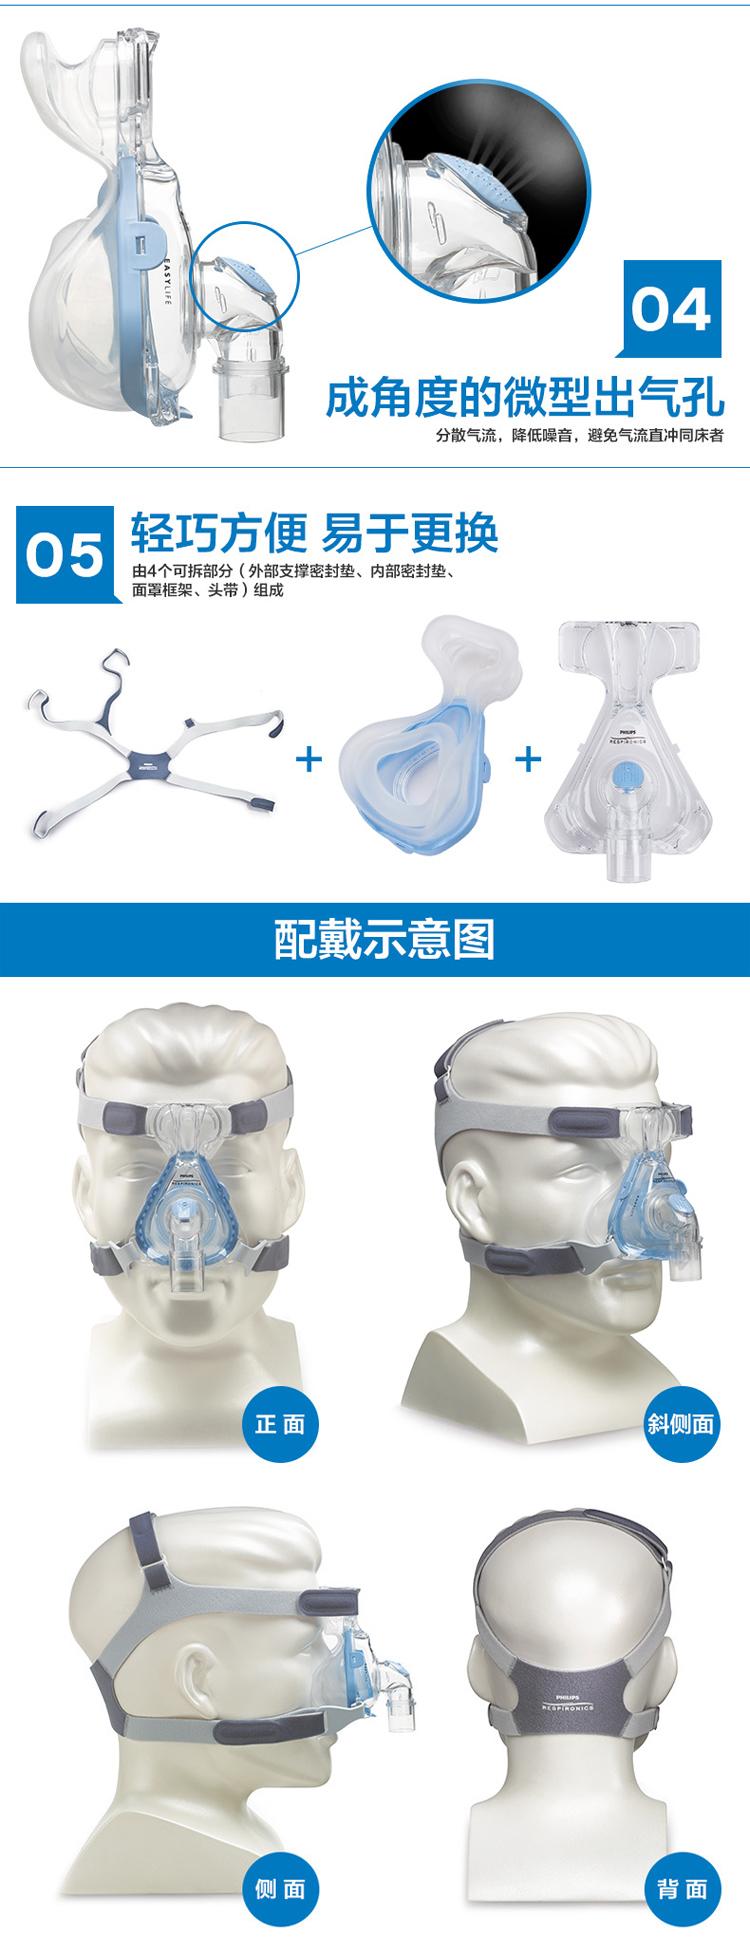 昆明飞利浦呼吸机鼻罩